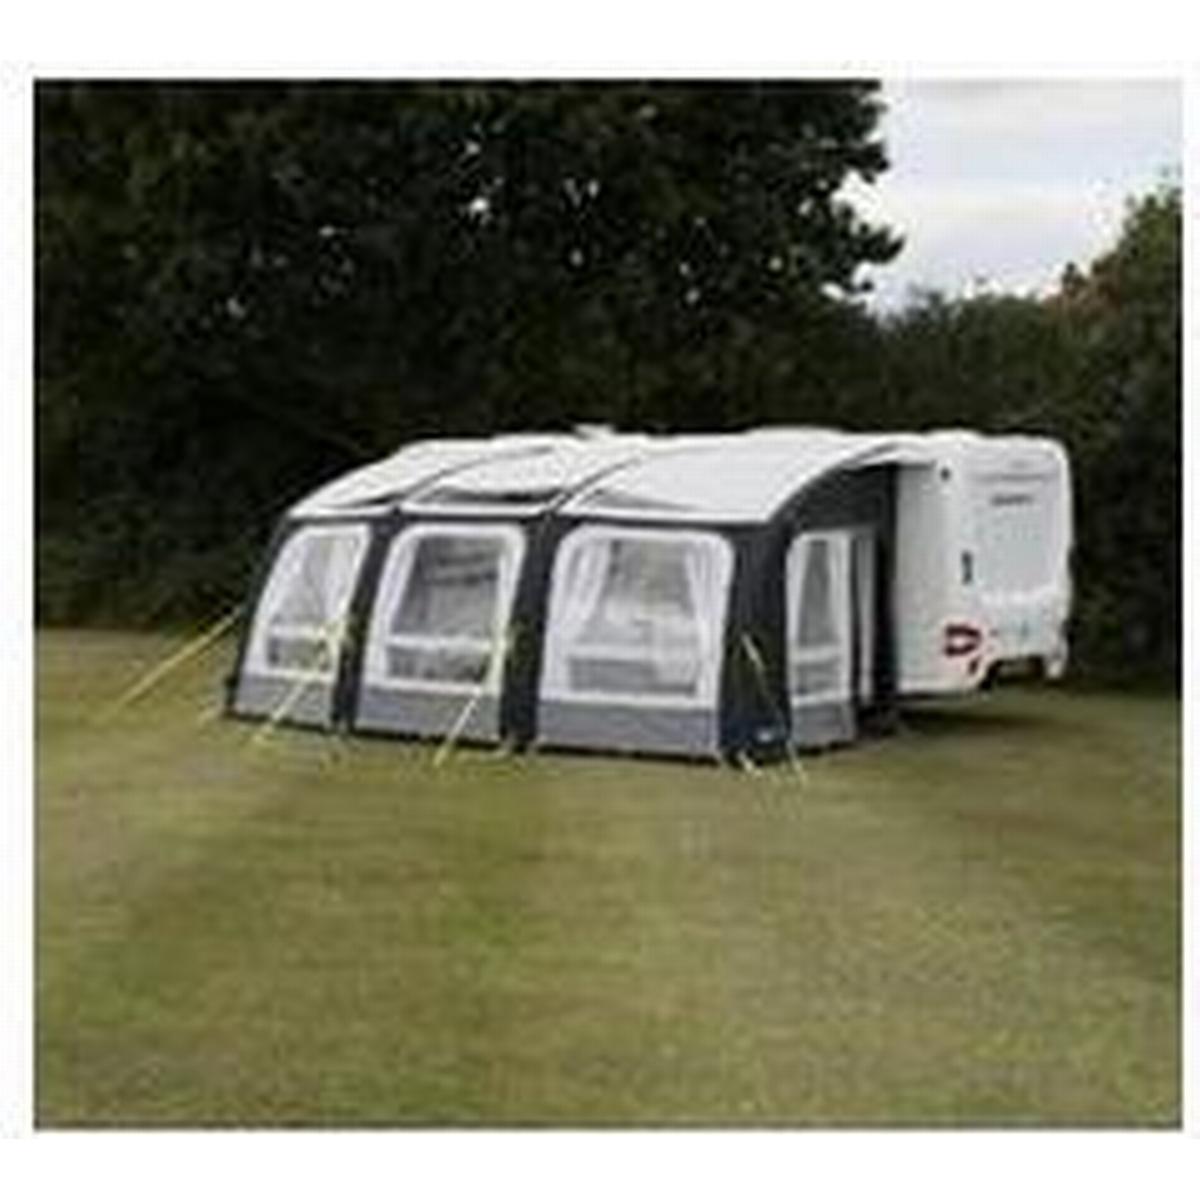 Förtält Camping & Friluftsliv (500+ produkter) hos